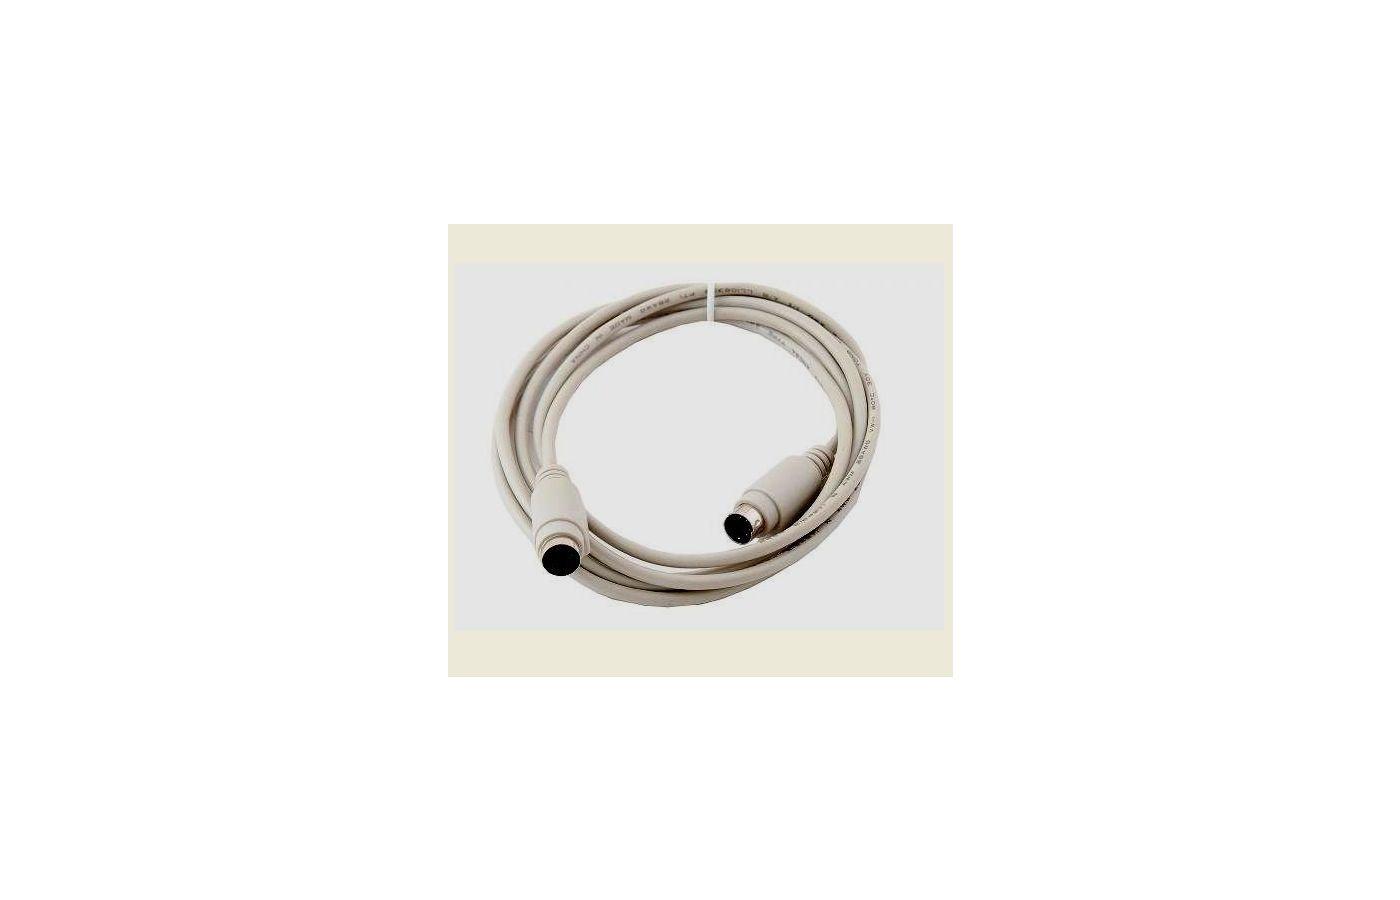 USB Кабель Удлинитель PS/2 1,8м